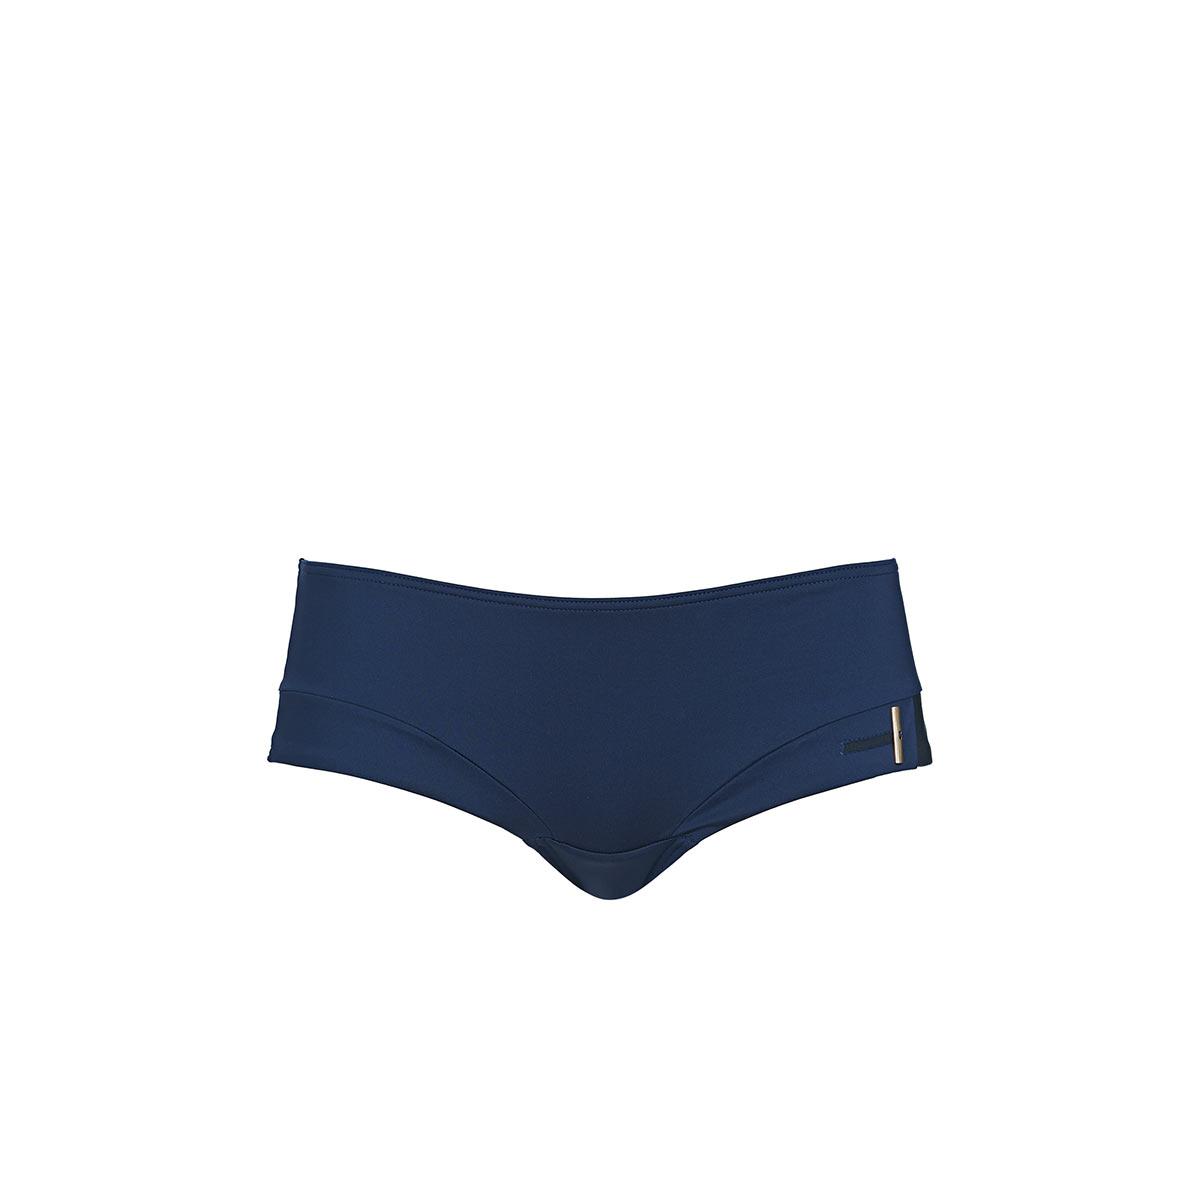 maillot de bain bandeau bleu nuit huit collection t 2017. Black Bedroom Furniture Sets. Home Design Ideas